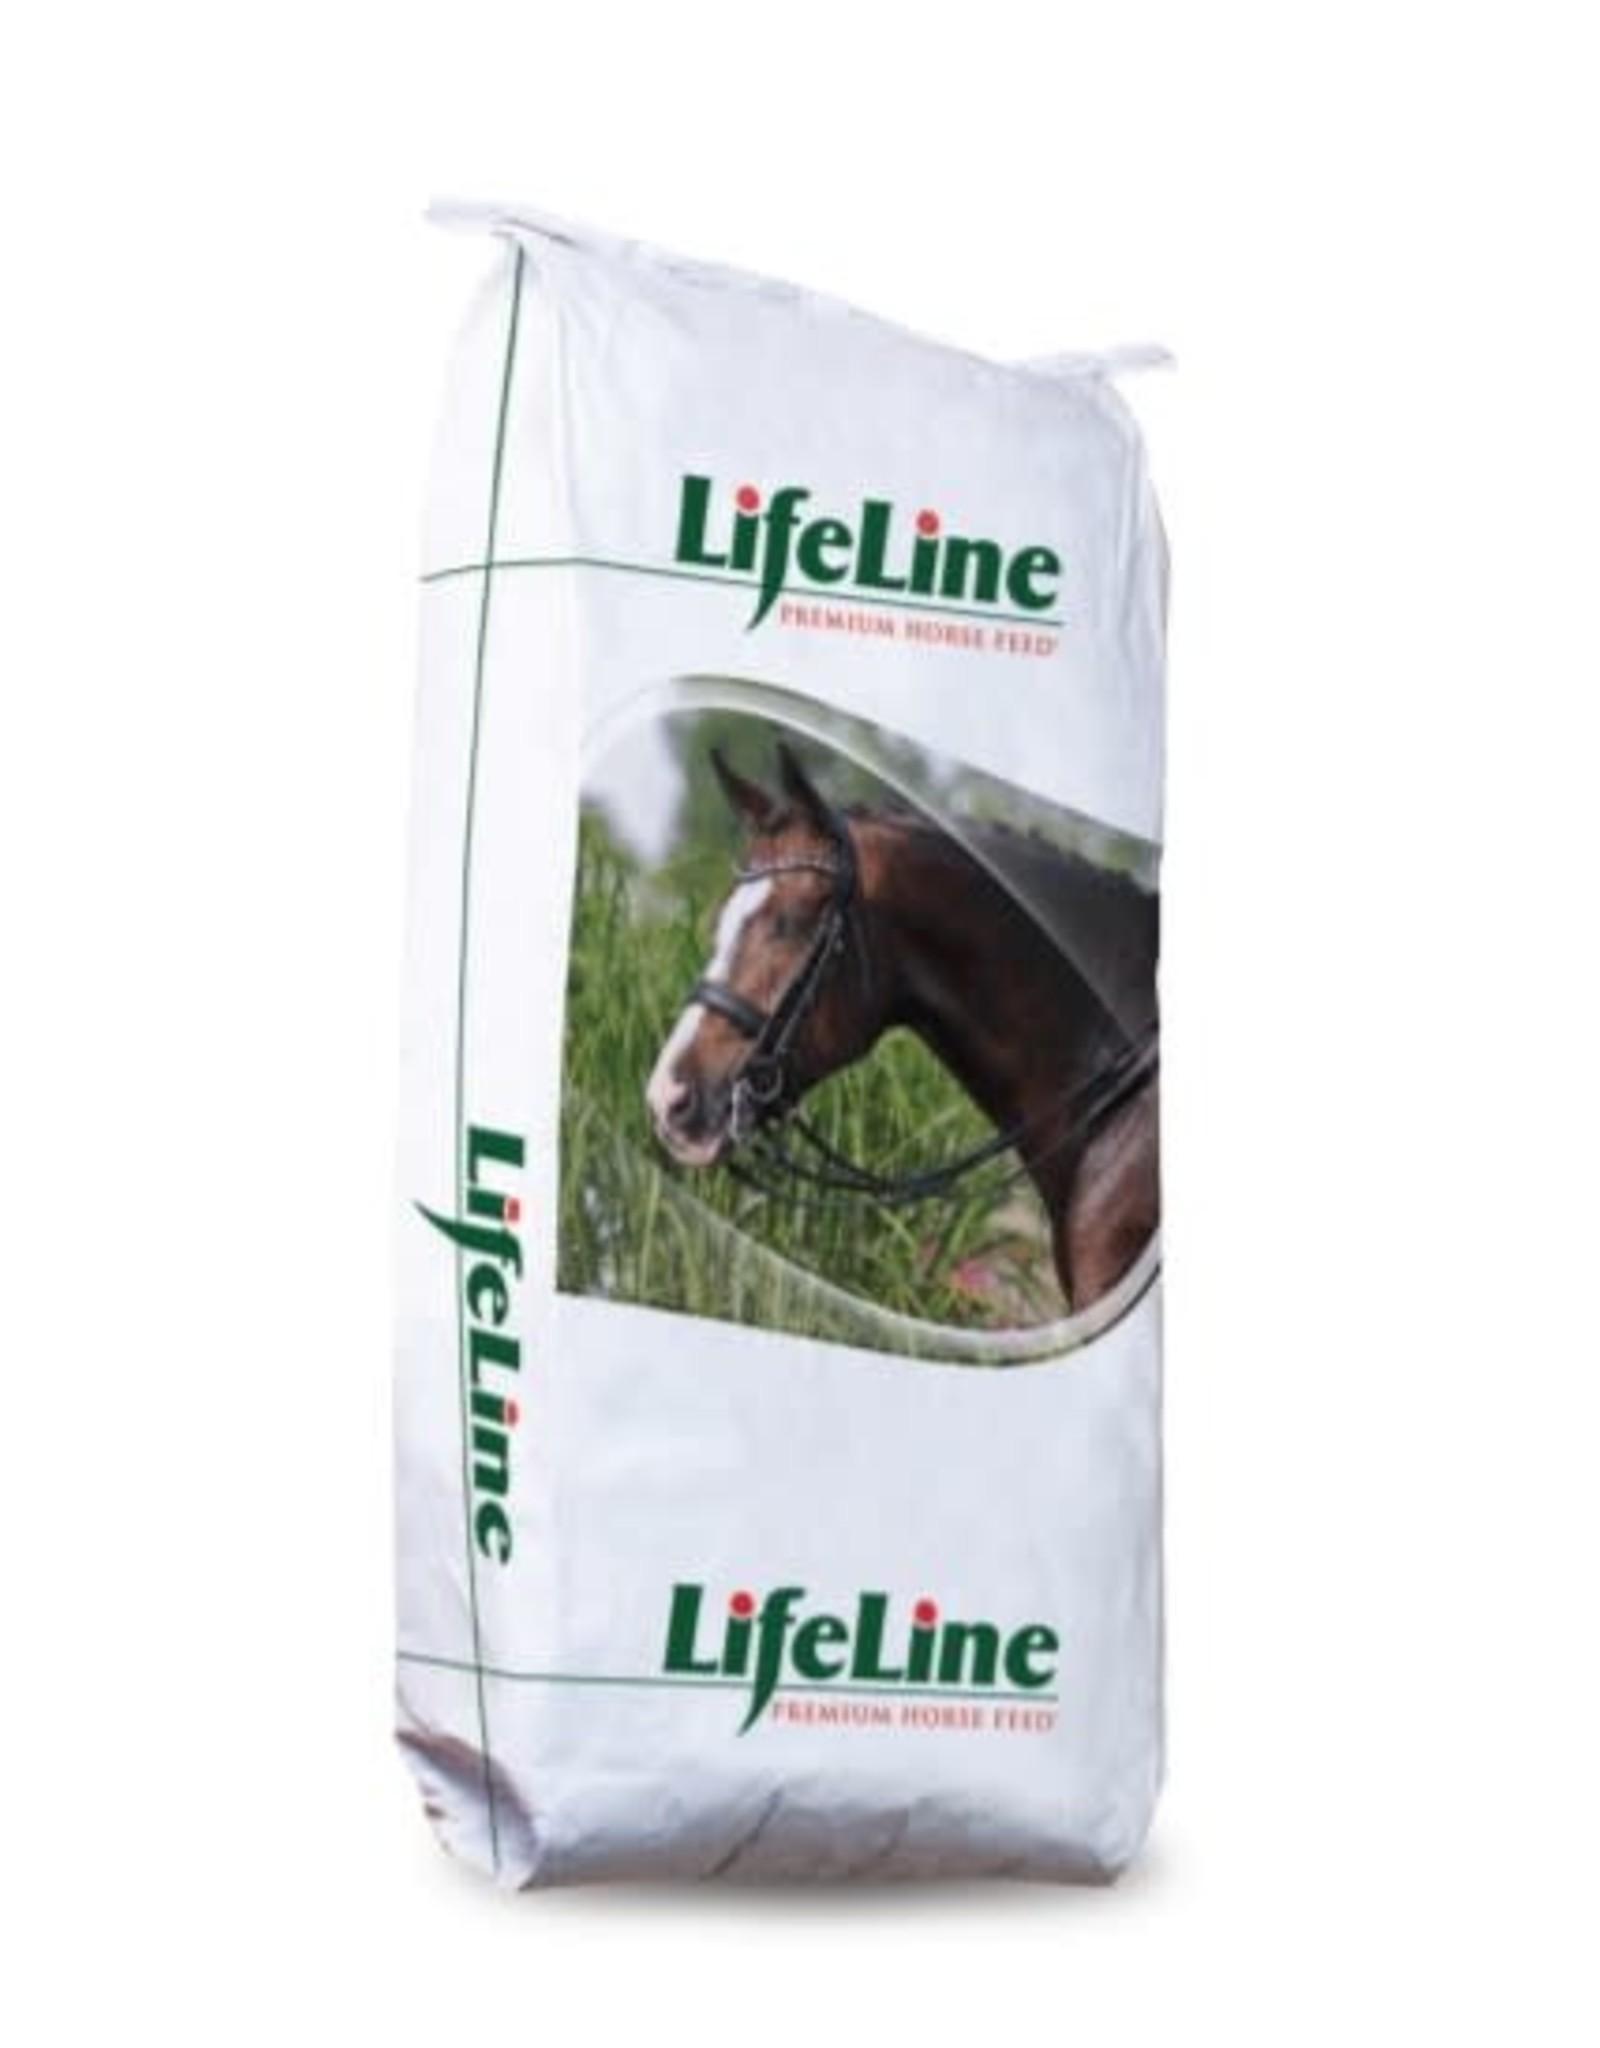 Lifeline Lifeline MD Ration Balancer 20KG